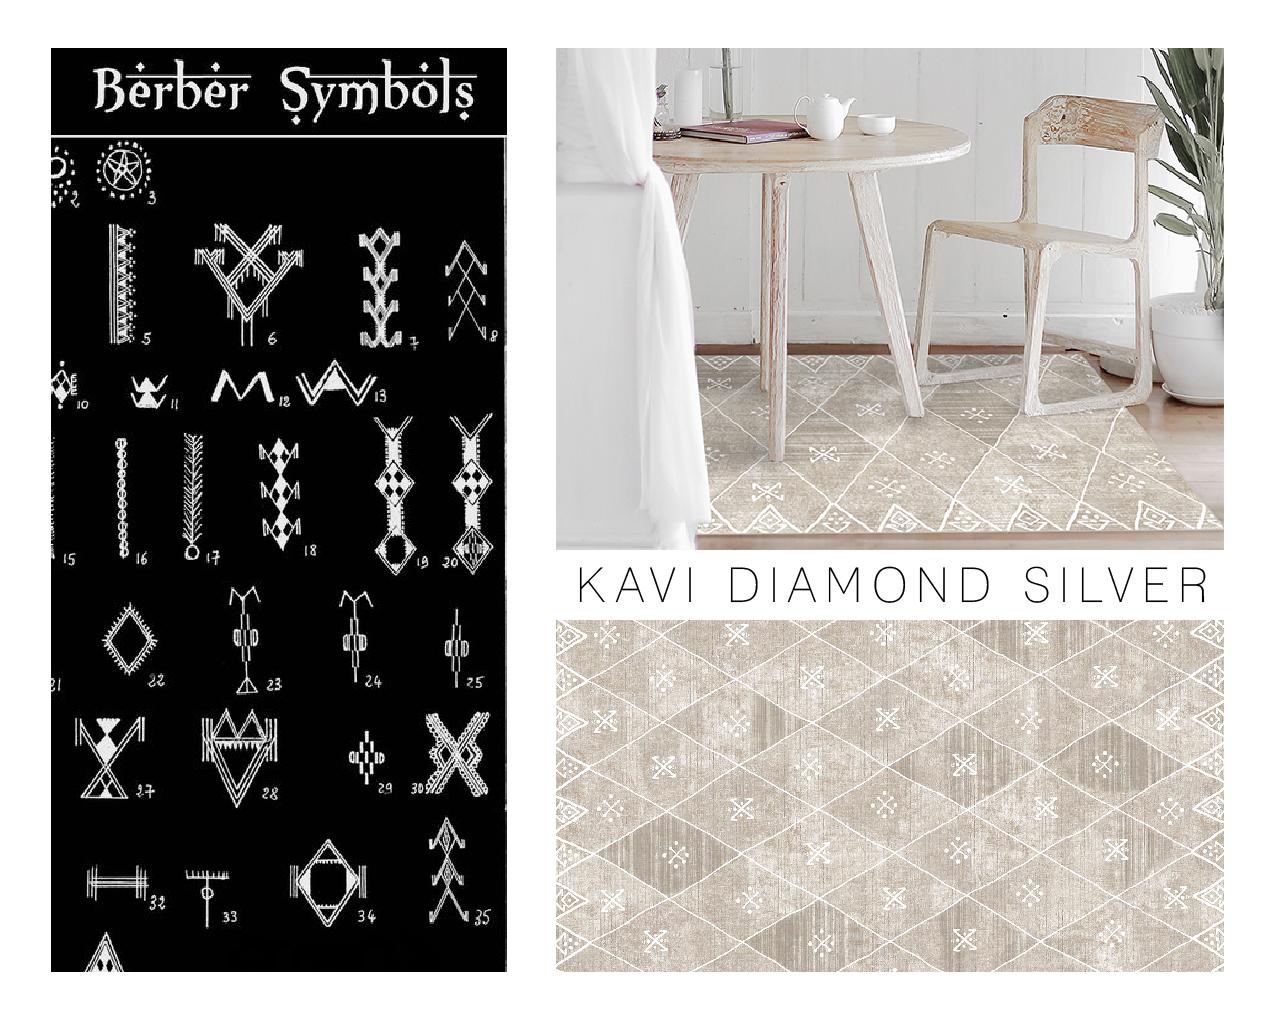 Berber symbols in Kavi Diamond Silver Moroccan rug.